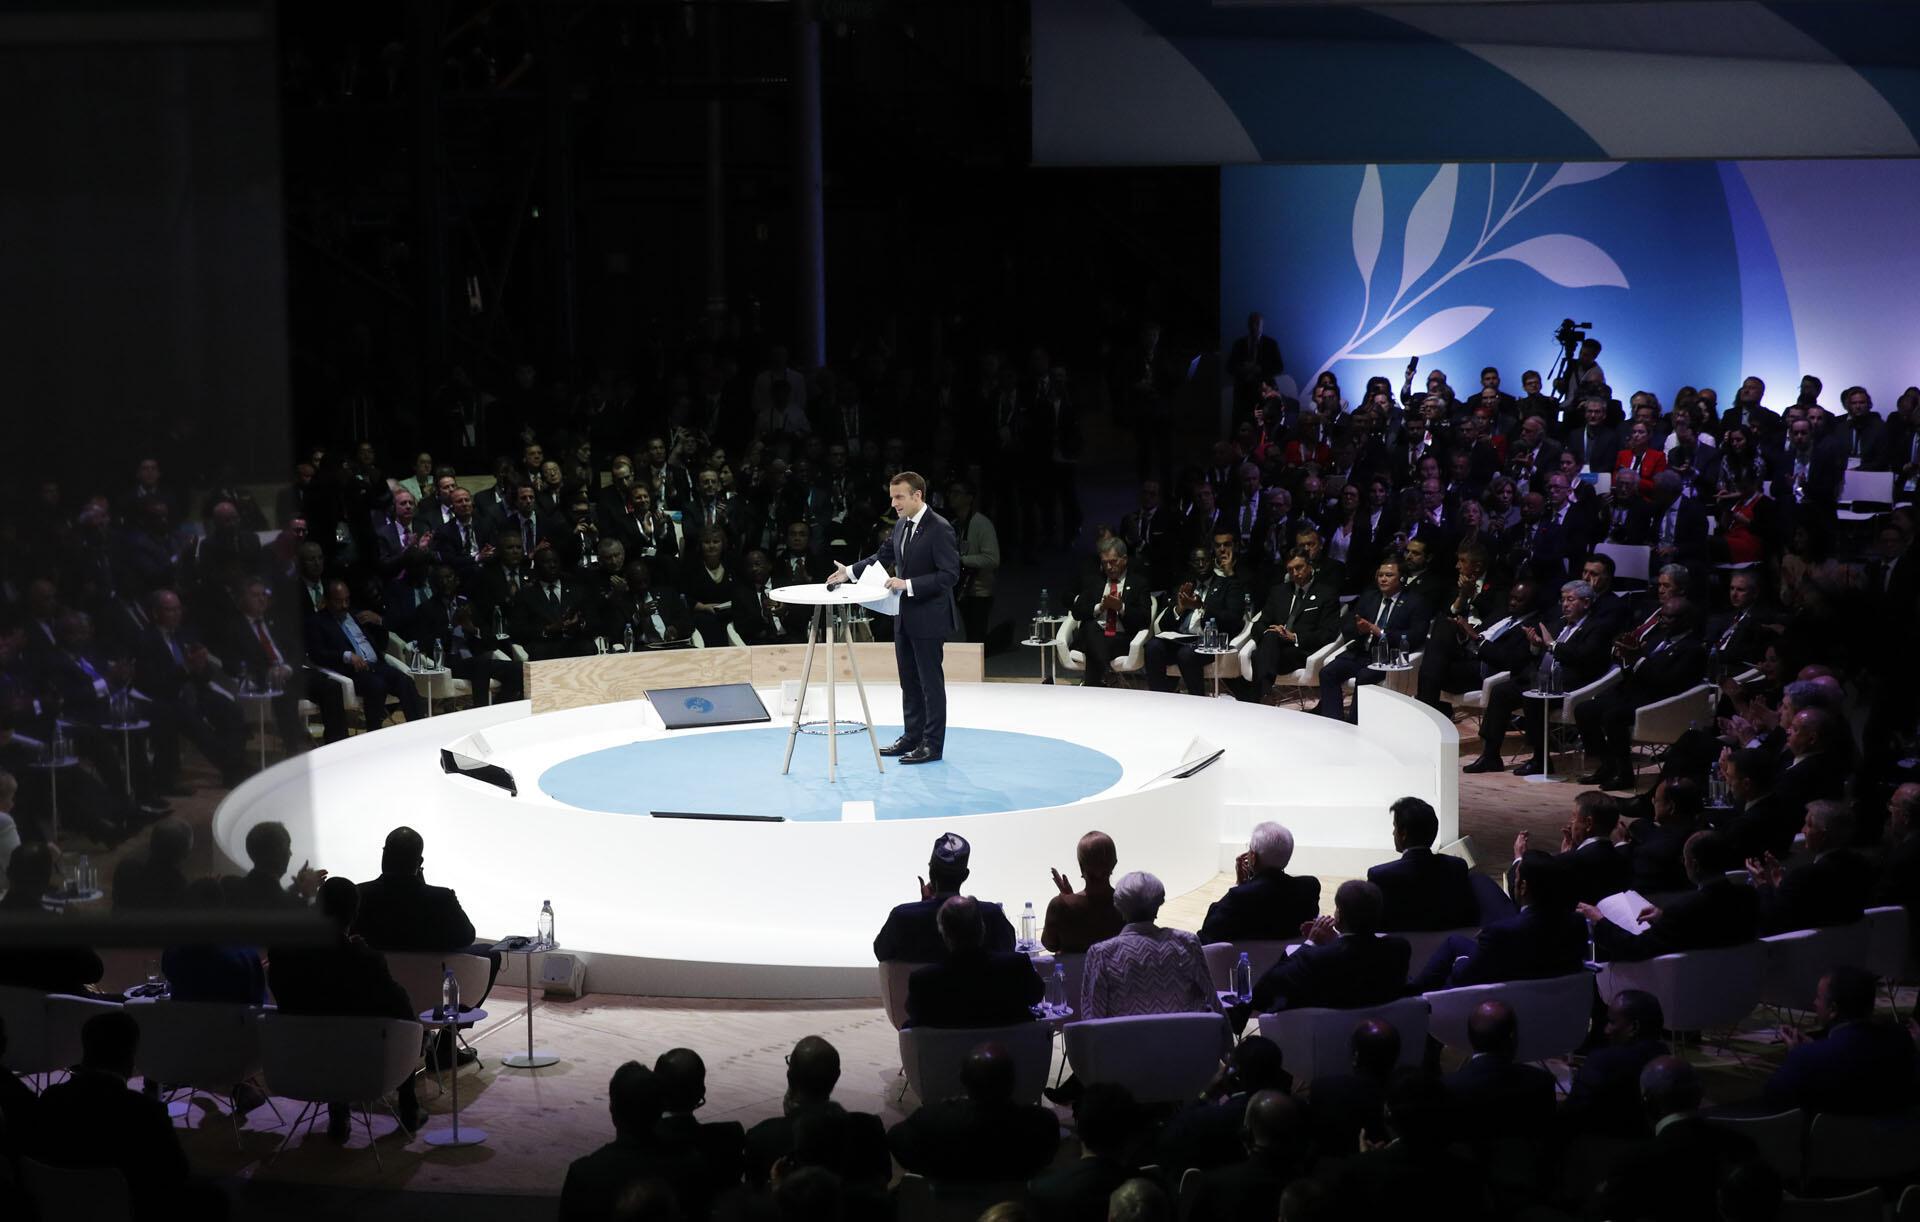 Le président français, Emmanuel Macron, au Forum pour la paix à Paris, le 11 novembre 2018. Le Forum pour la paix à Paris est un nouvel événement annuel basé sur la coopération internationale et visant à relever les défis mondiaux paix durable.